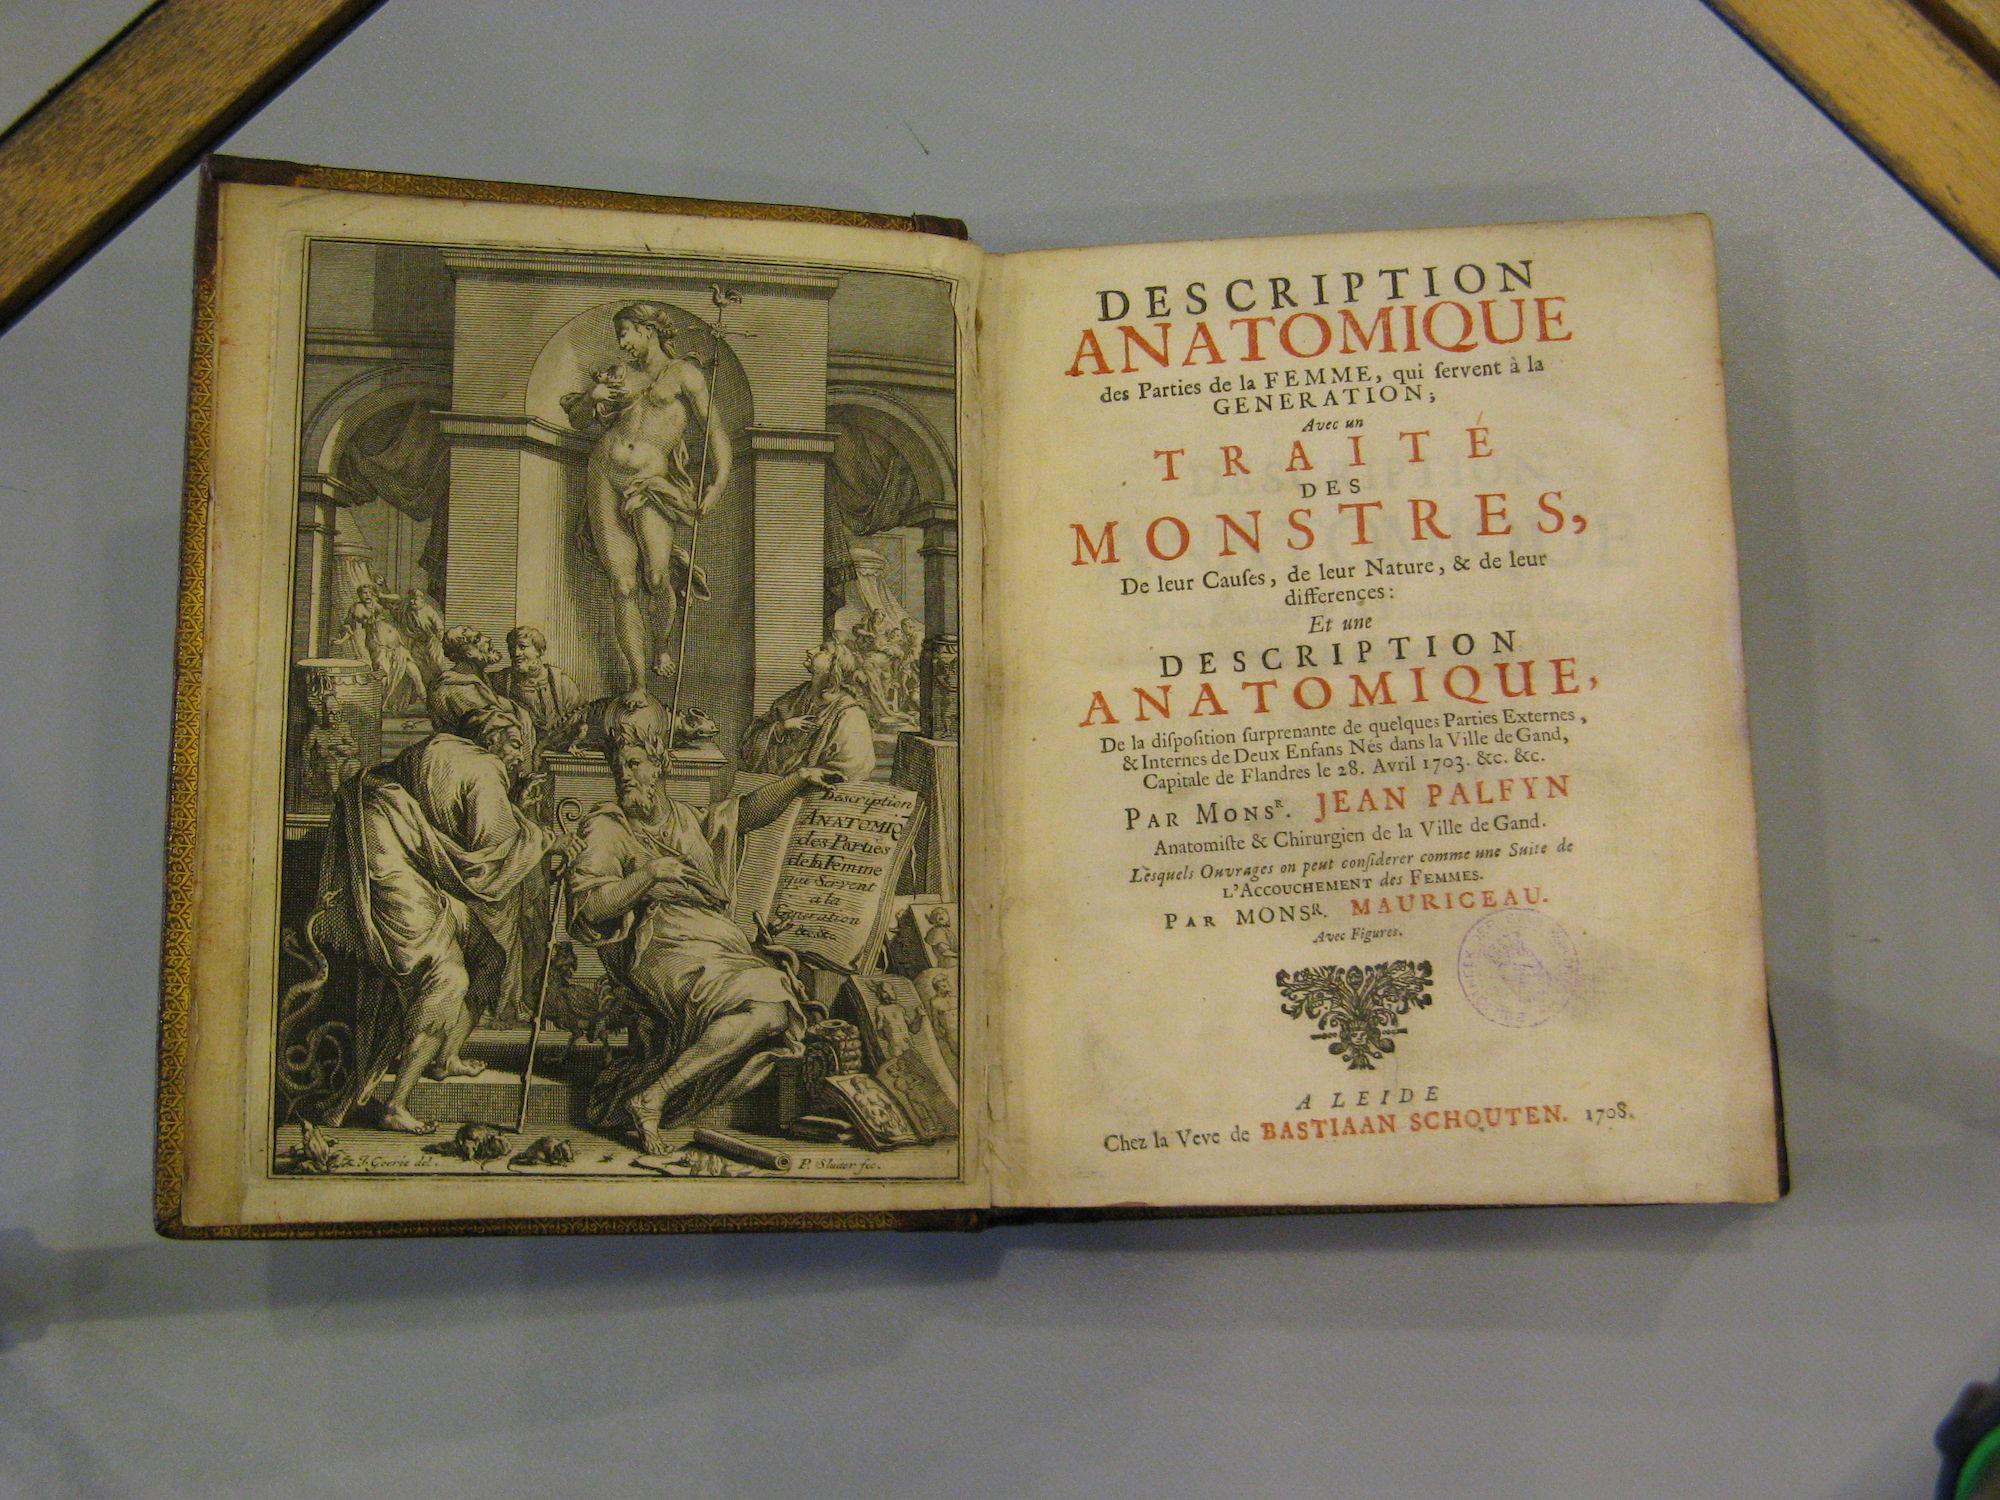 Boek over anatomie van Jan Palfyn 1708